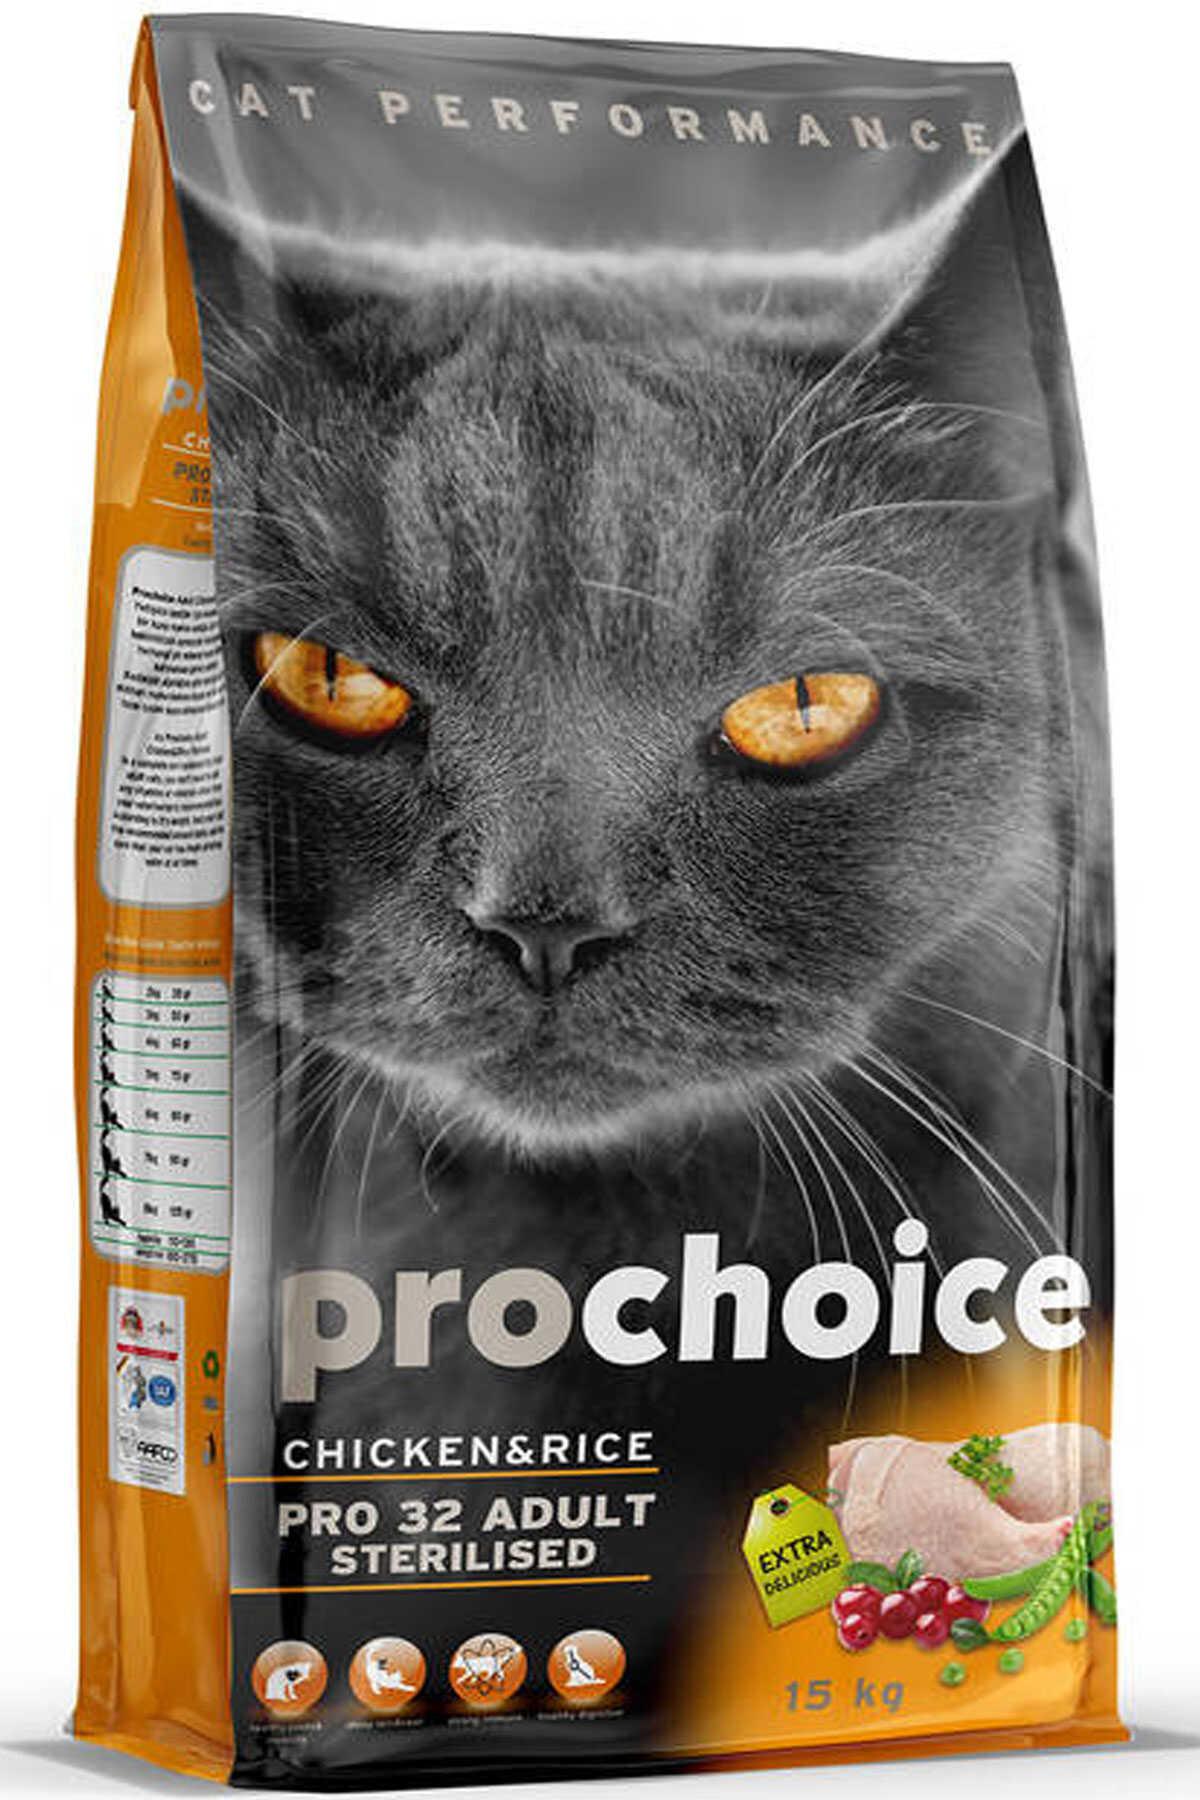 Pro Choice Pro 32 Tavuk ve Pirinçli Kısırlaştırılmış Kedi Maması 15kg